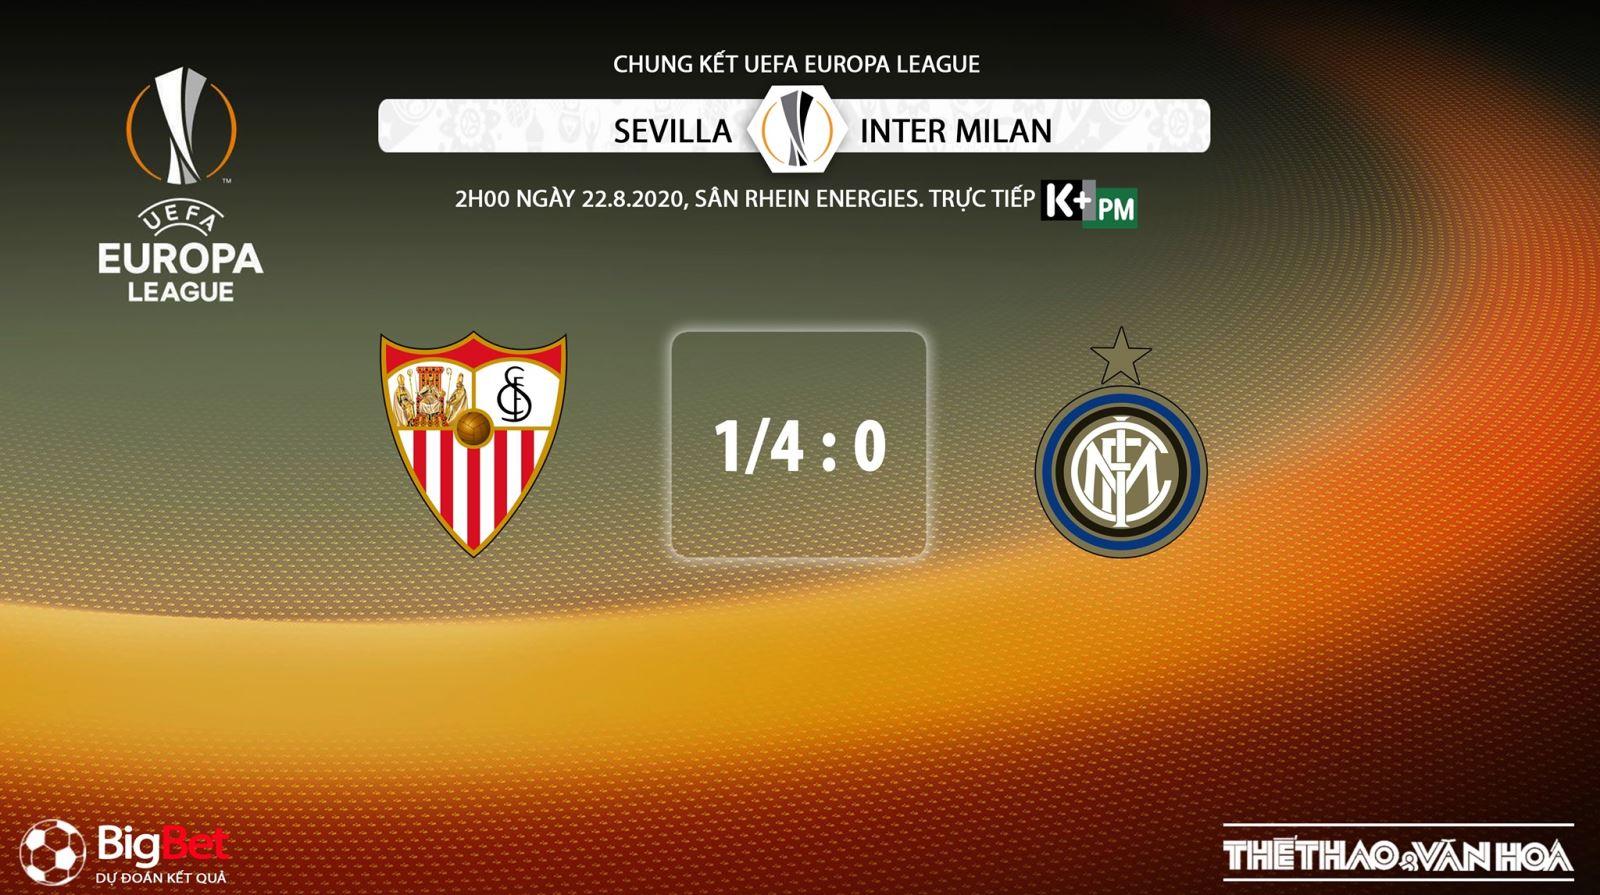 Sevilla vs Inter Milan, soi kèo bóng đá, soi kèo Sevilla vs Inter Milan, trực tiếp, nhận định Sevilla vs Inter Milan, sevilla, inter milan, kèo bóng đá